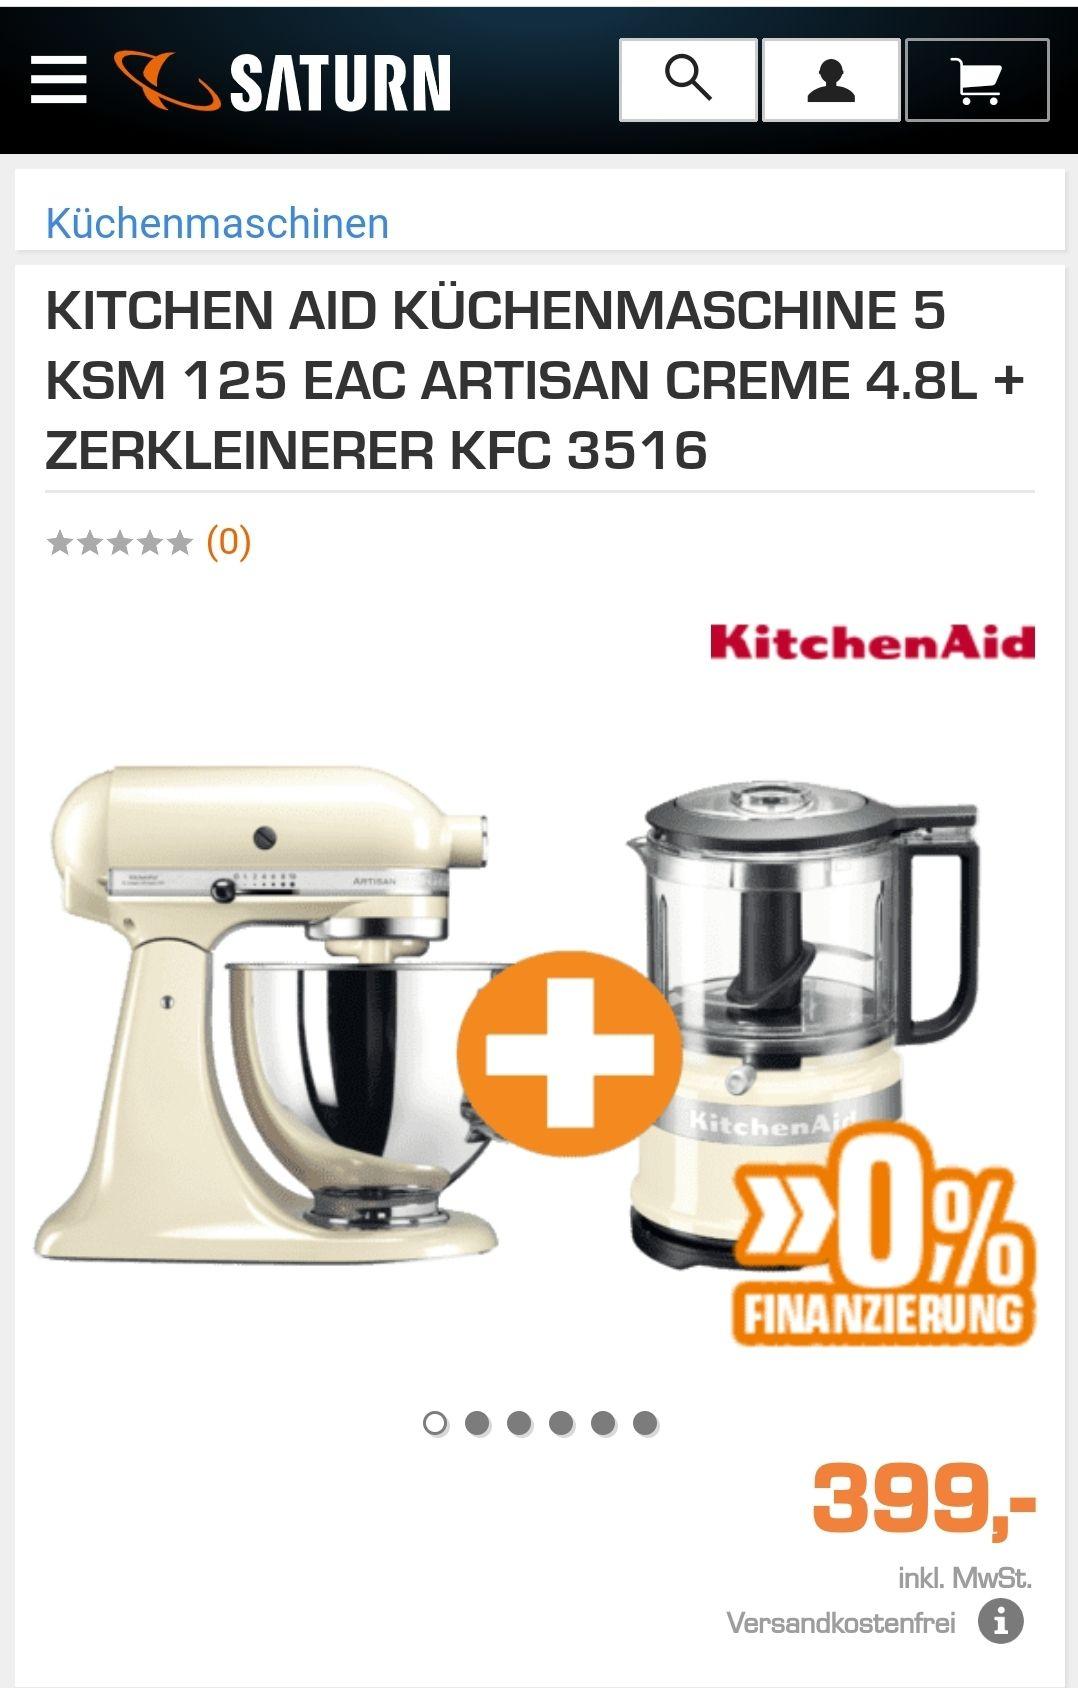 Kitchenaid Artisan zu Toppreis